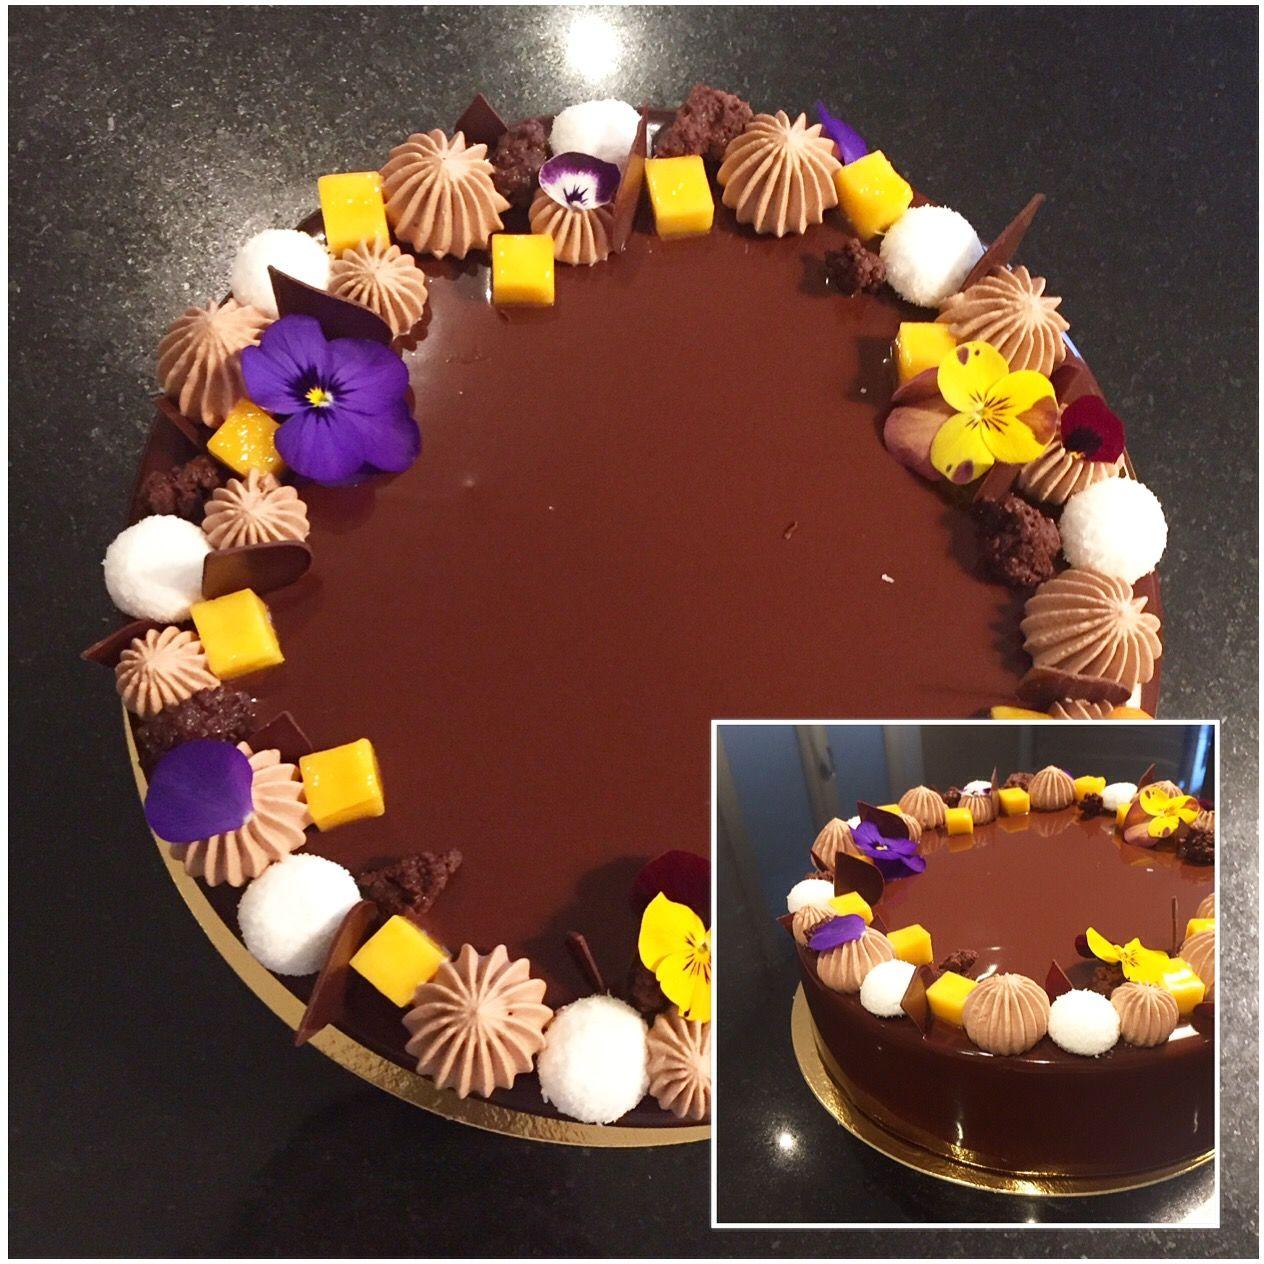 Entremets Choco Exo   Croustillant chocolat fleur de sel, biscuit dacquoise noix de coco, crémeux fruits exotique, confit passion et mousse chocolat noire intense.